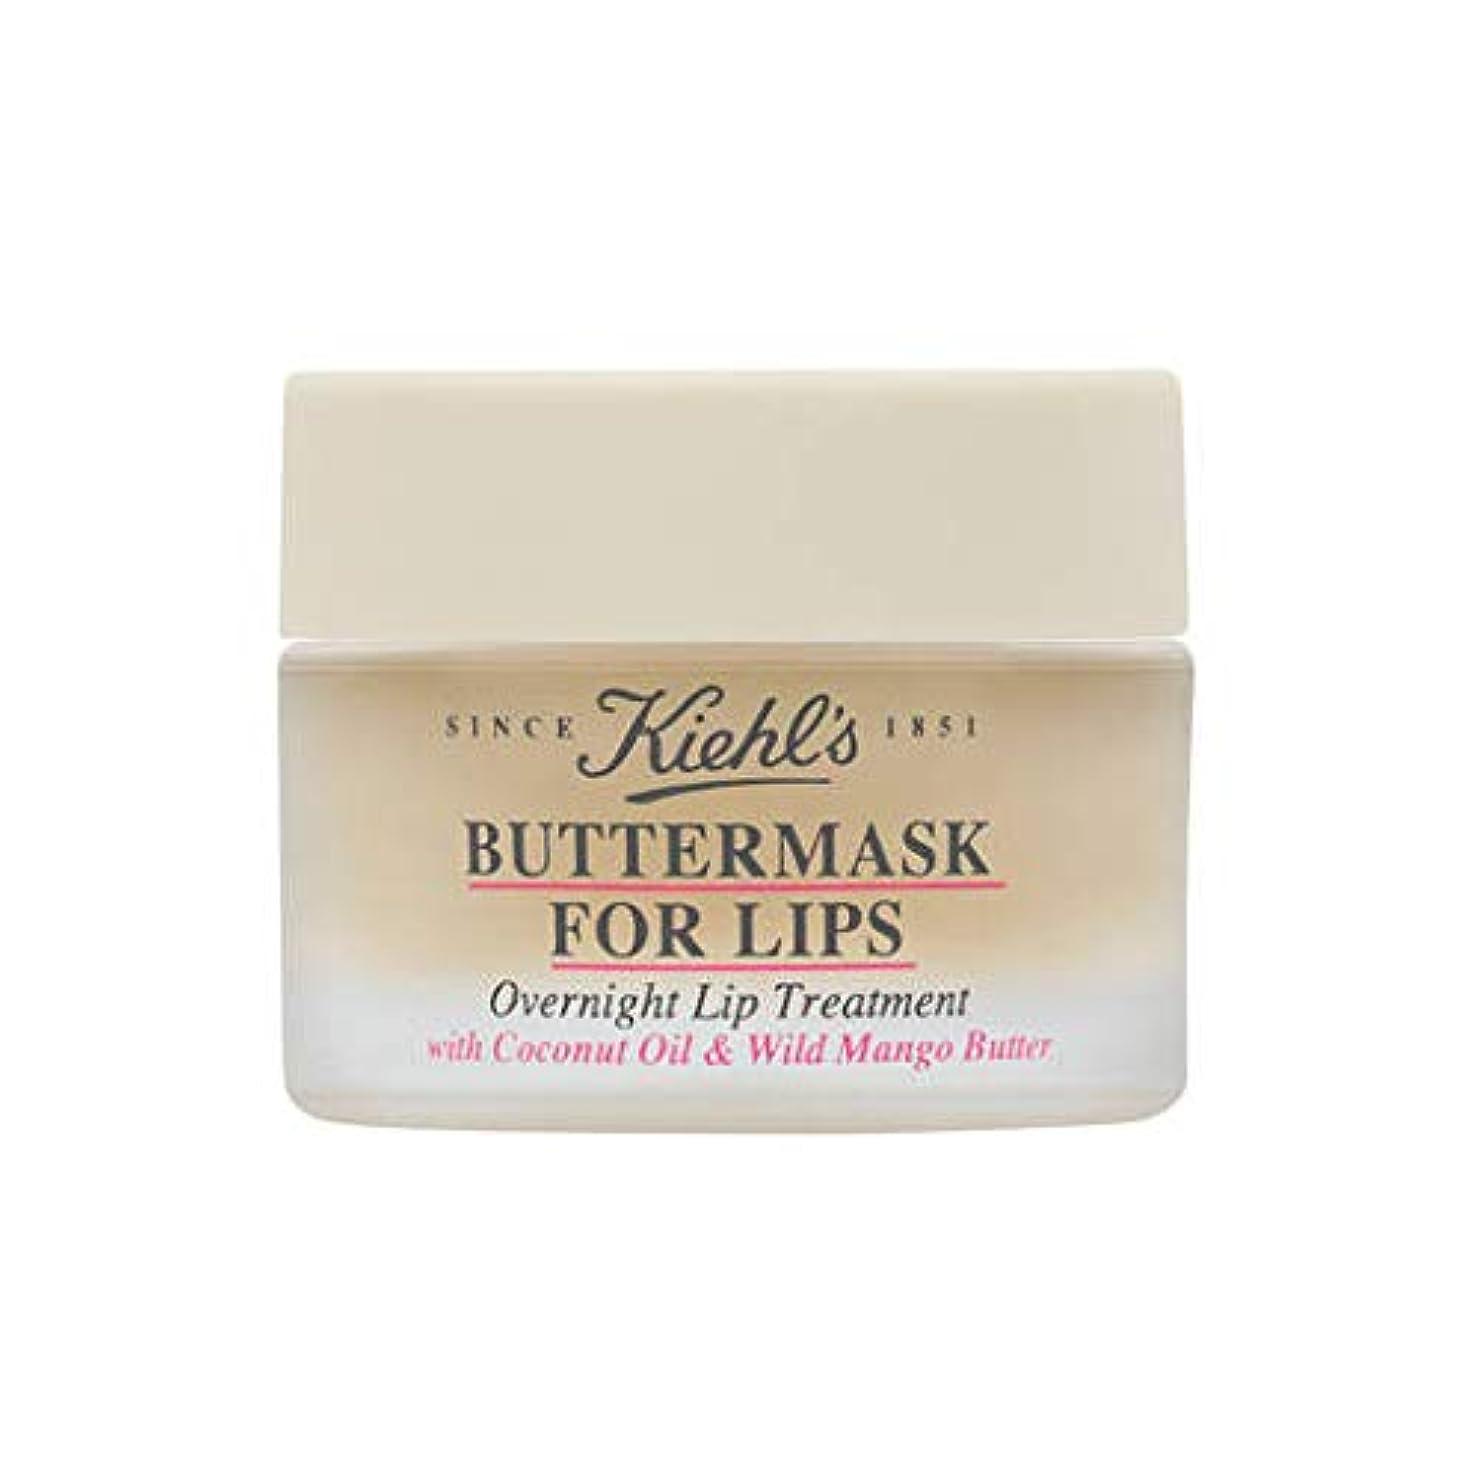 禁輸適合する完全にKiehl's (キールズ) 唇用バターマスク 一晩のリップトリートメント 8g